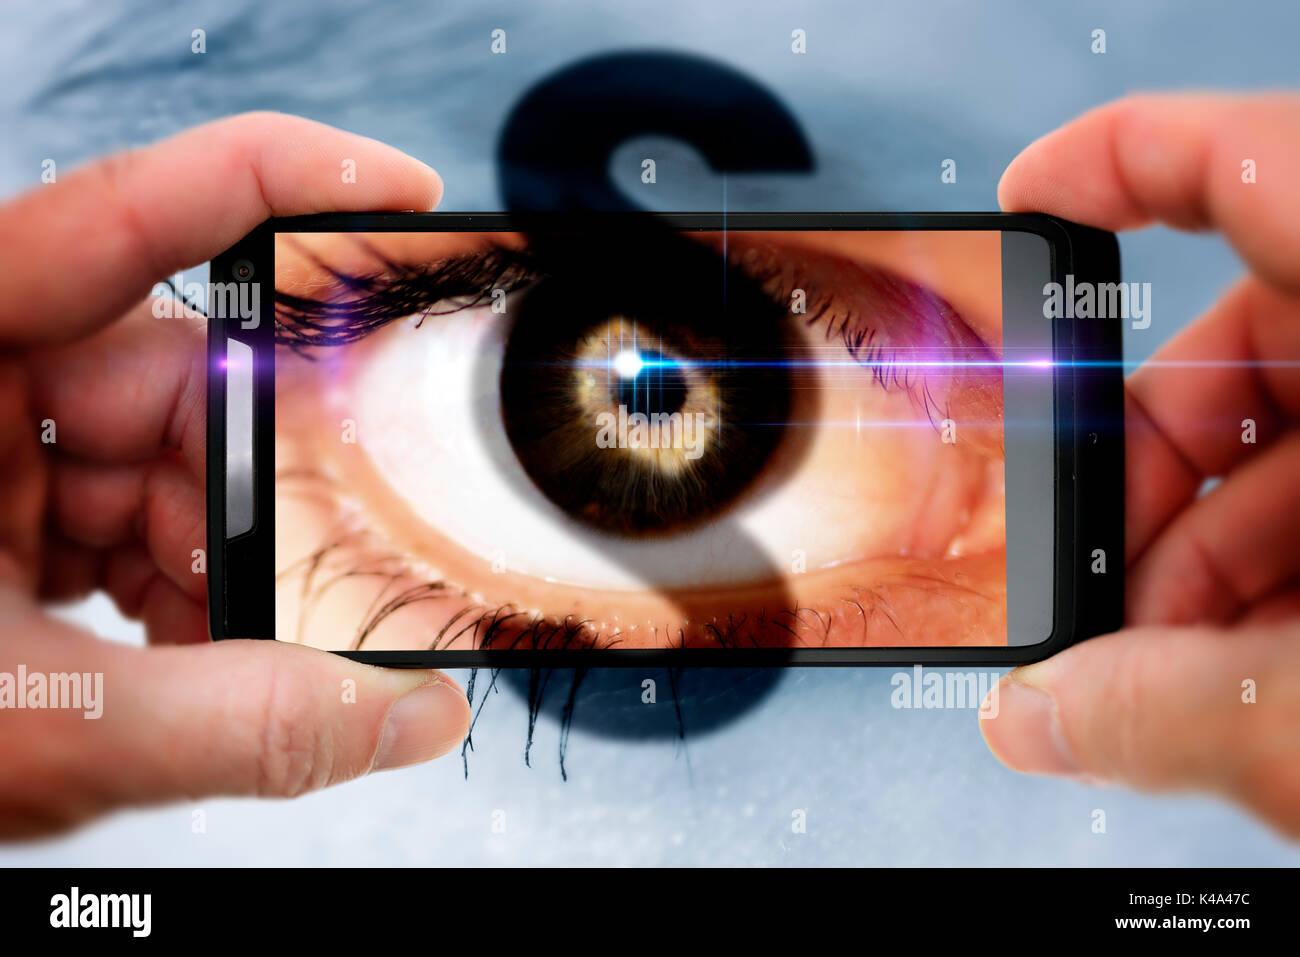 Los ojos de los womans y signo de párrafo en un celular, gawker Foto de stock